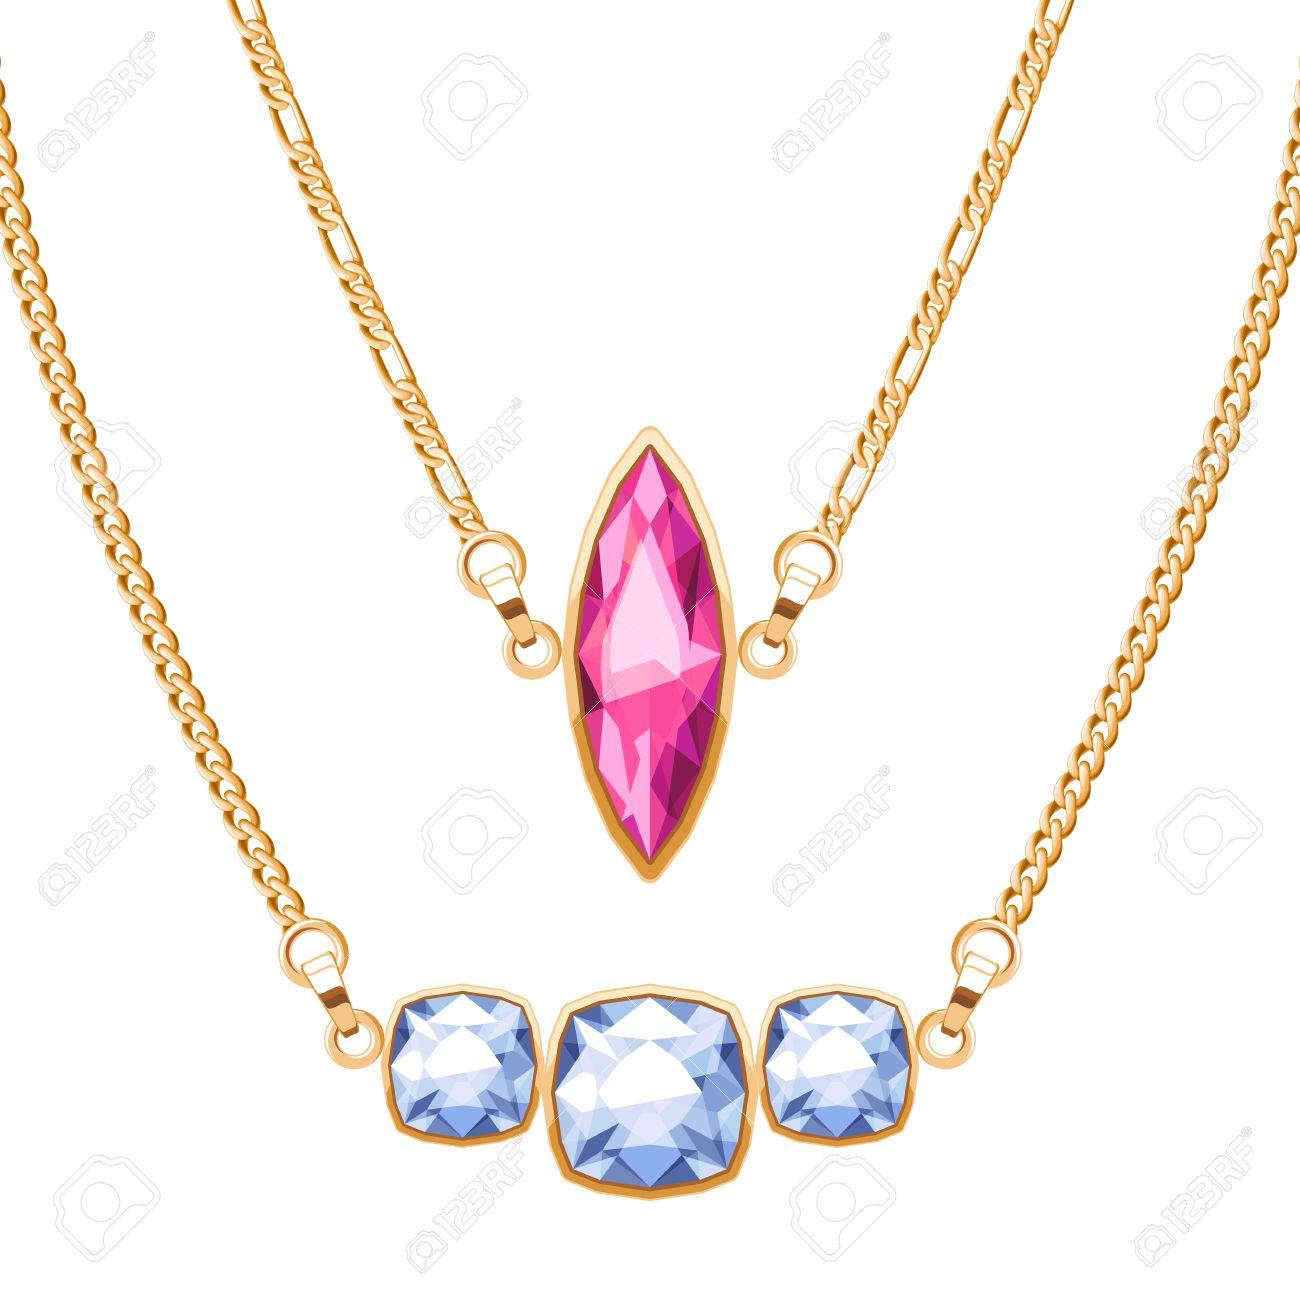 32e163b05100 Collares de cadena de oro fijados con rubí y diamantes colgantes de piedras  preciosas. vector